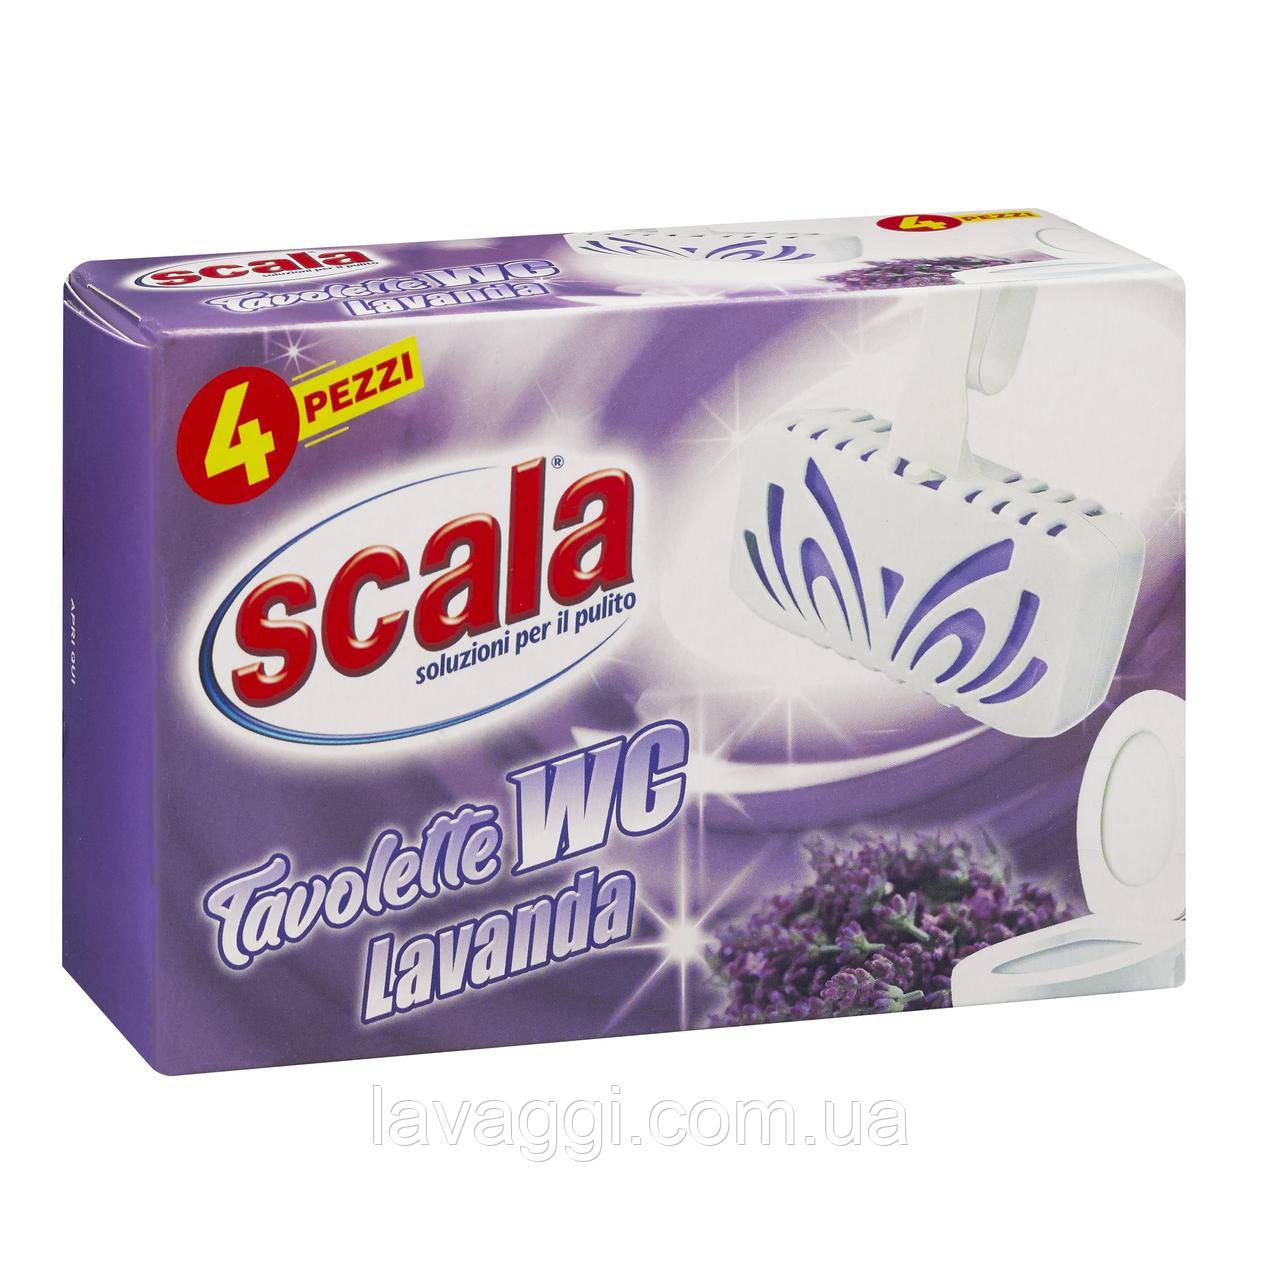 Підвіски для унітазу з ароматом лаванди (4шт/уп) ScalaTavolette WC Lavanda 34gX 4pz